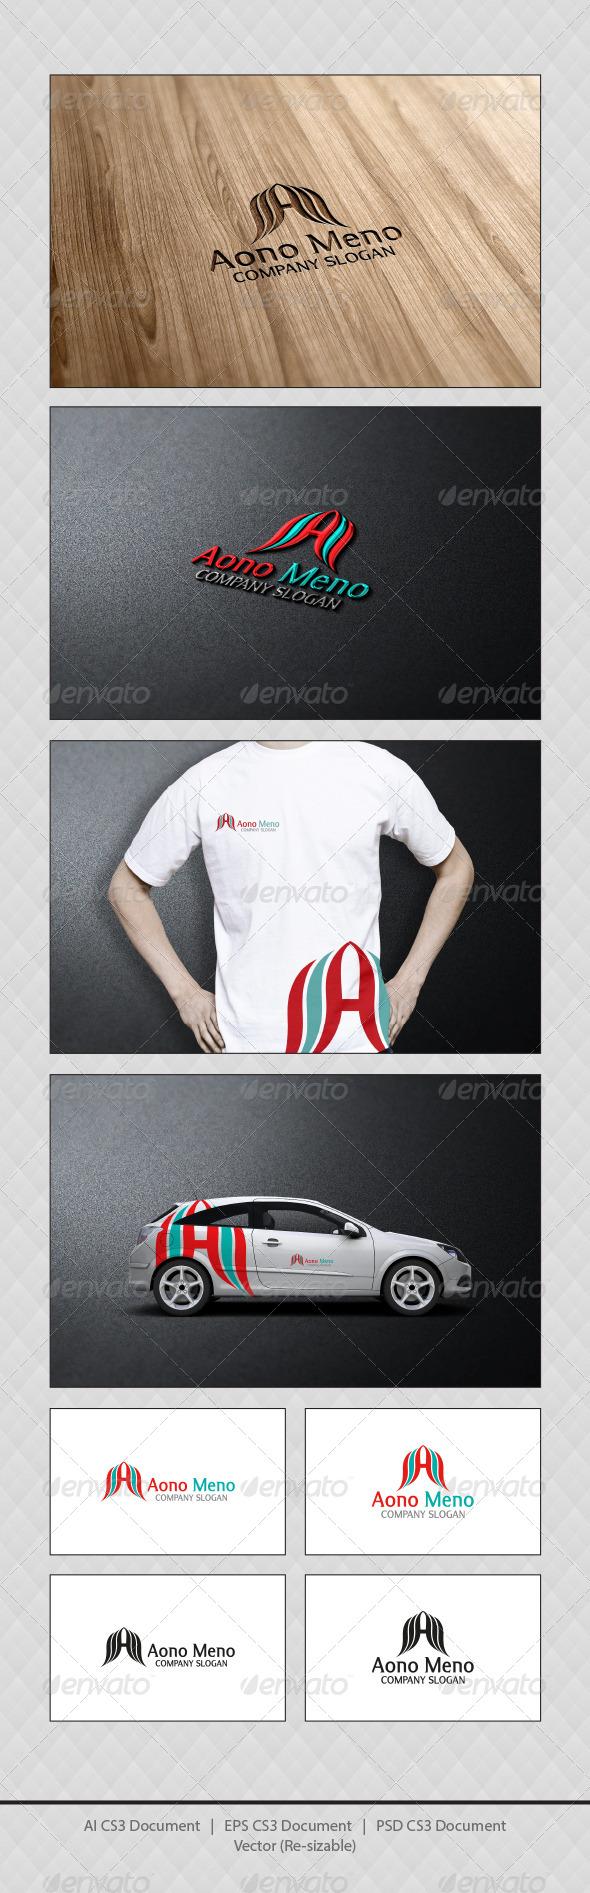 GraphicRiver Aono Meno Logo Templates 4171162